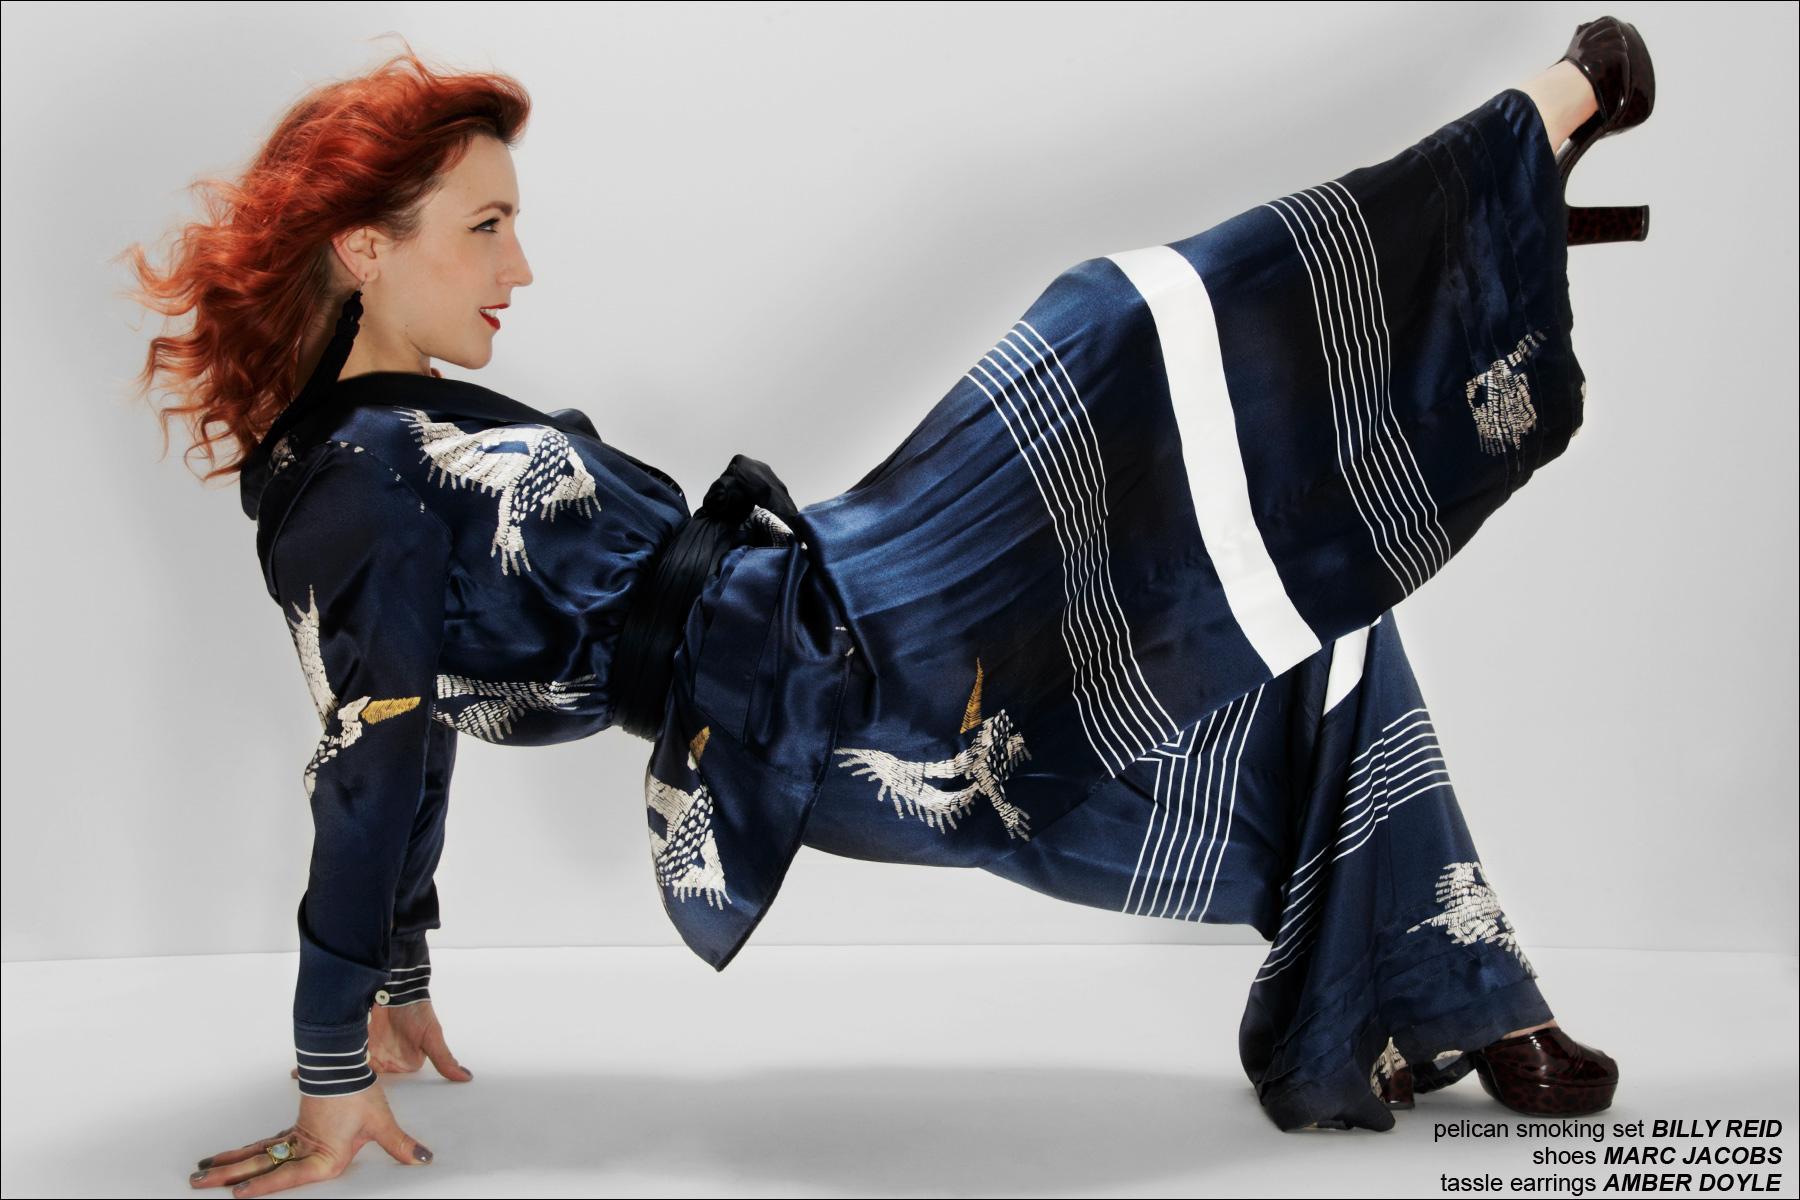 NYC designer Amber Doyle poses for Ponyboy Magazine, photographed by Alexander Thompson.